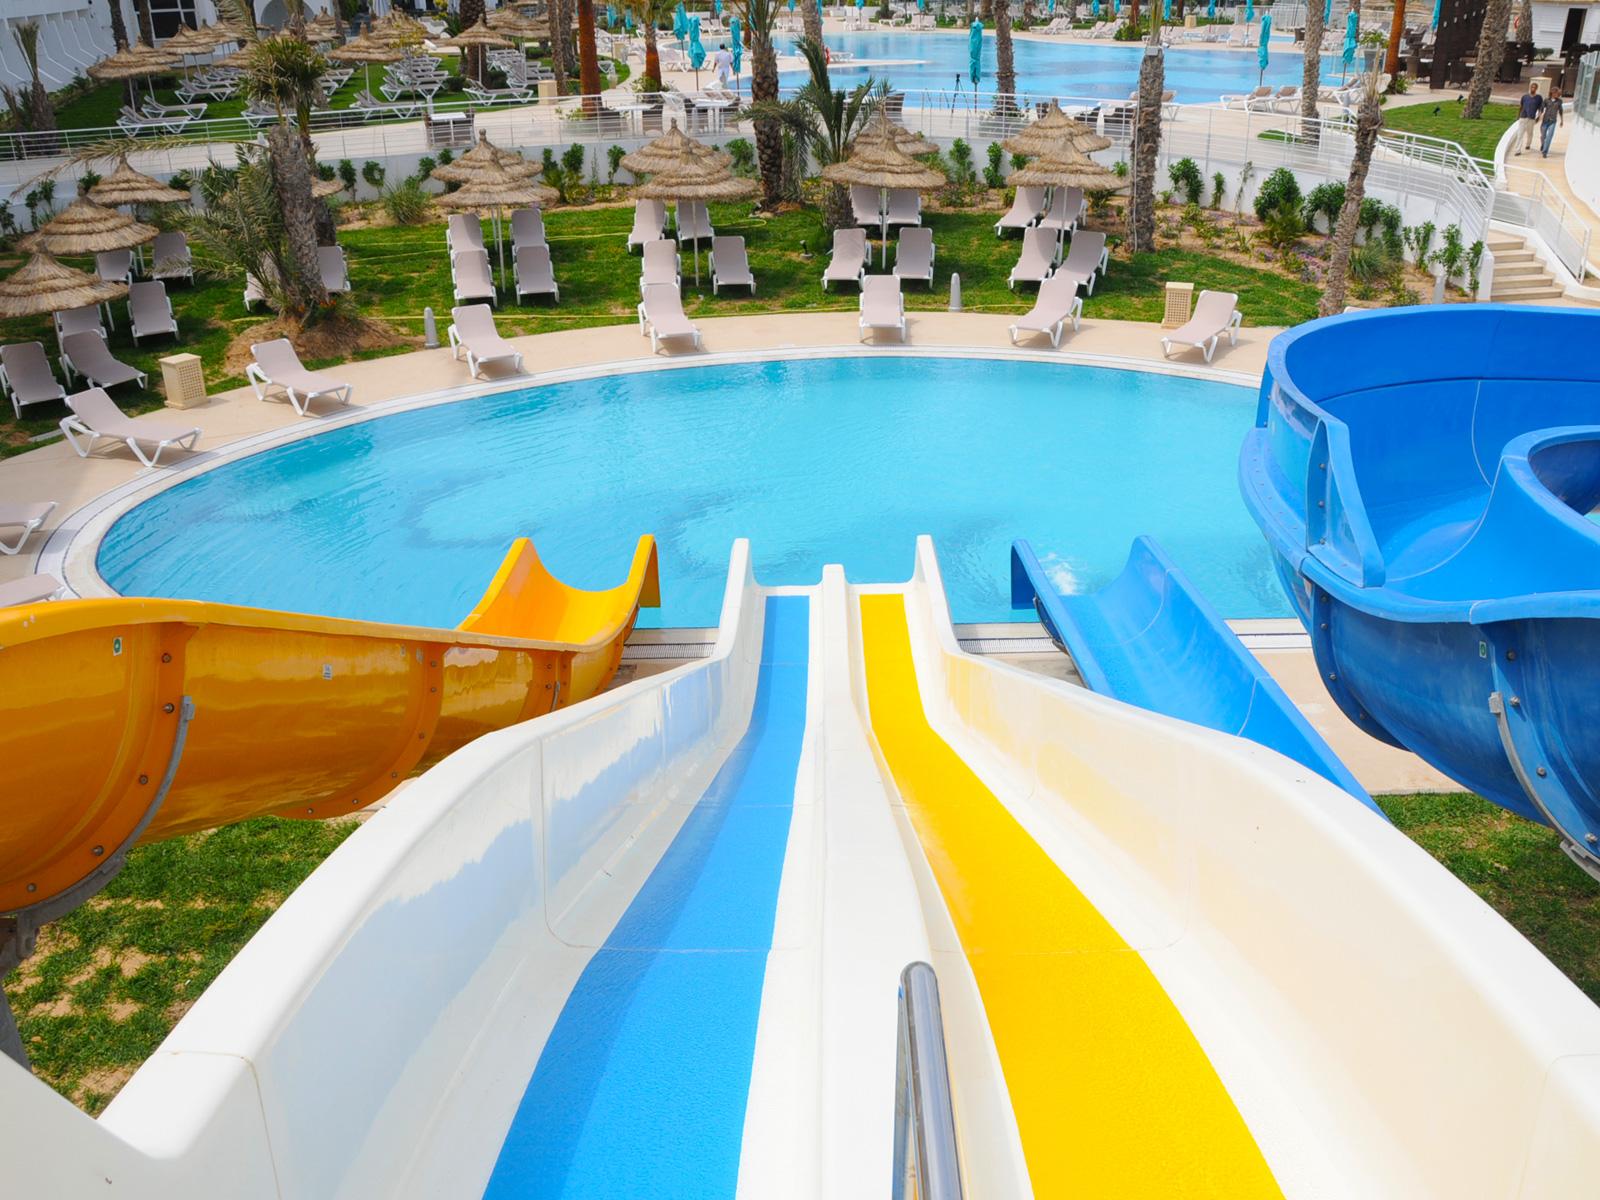 Glissade D'Eau - Hamammet Nozha Beach Hotel